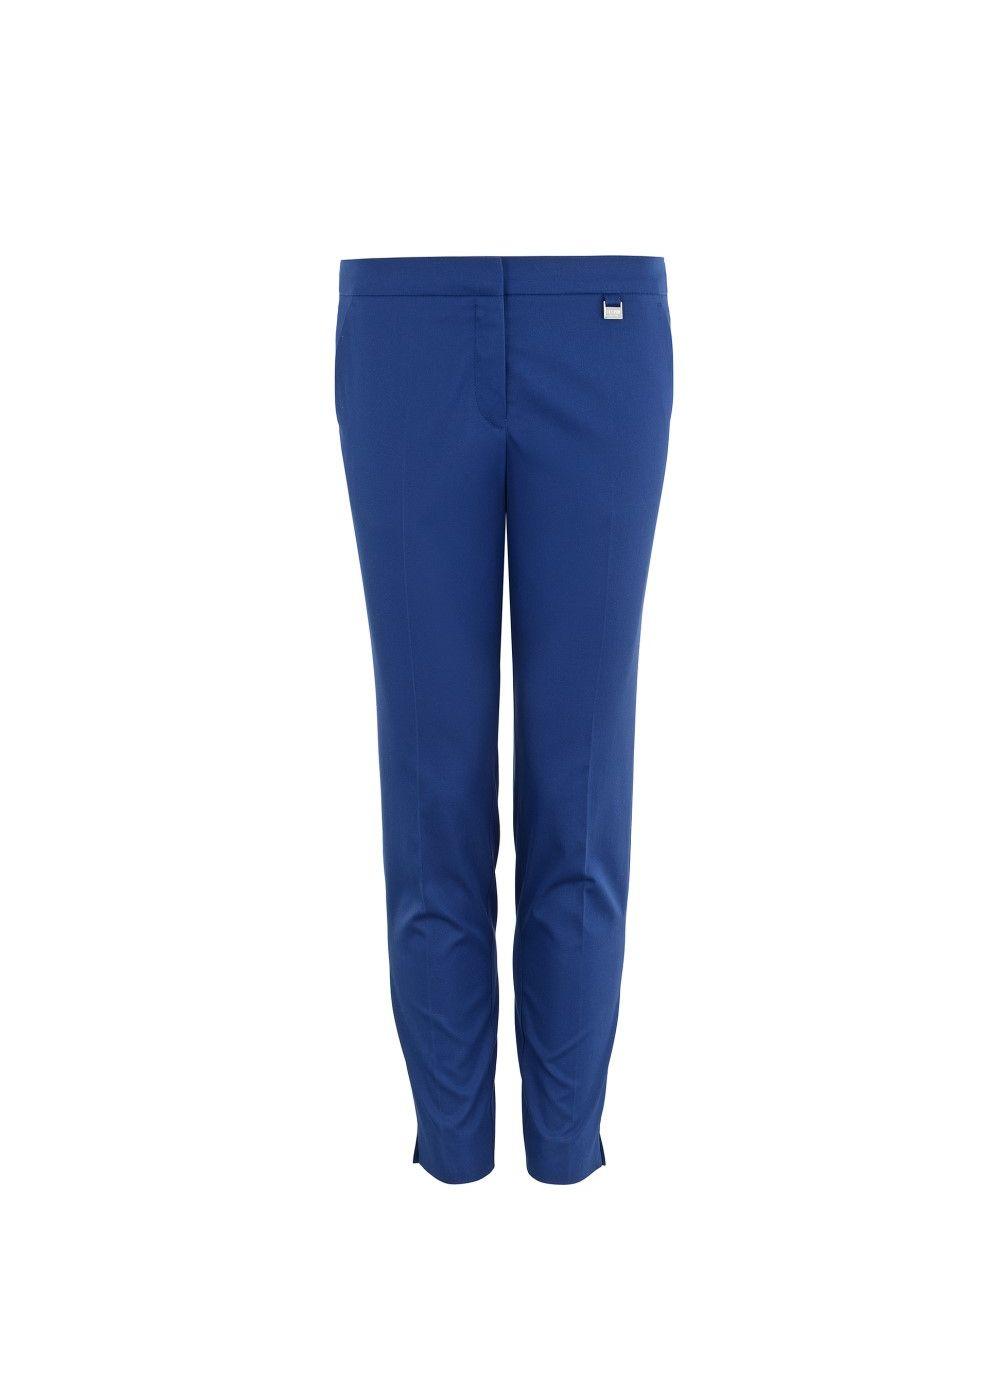 Spodnie damskie SPODT-0013-61(W17)